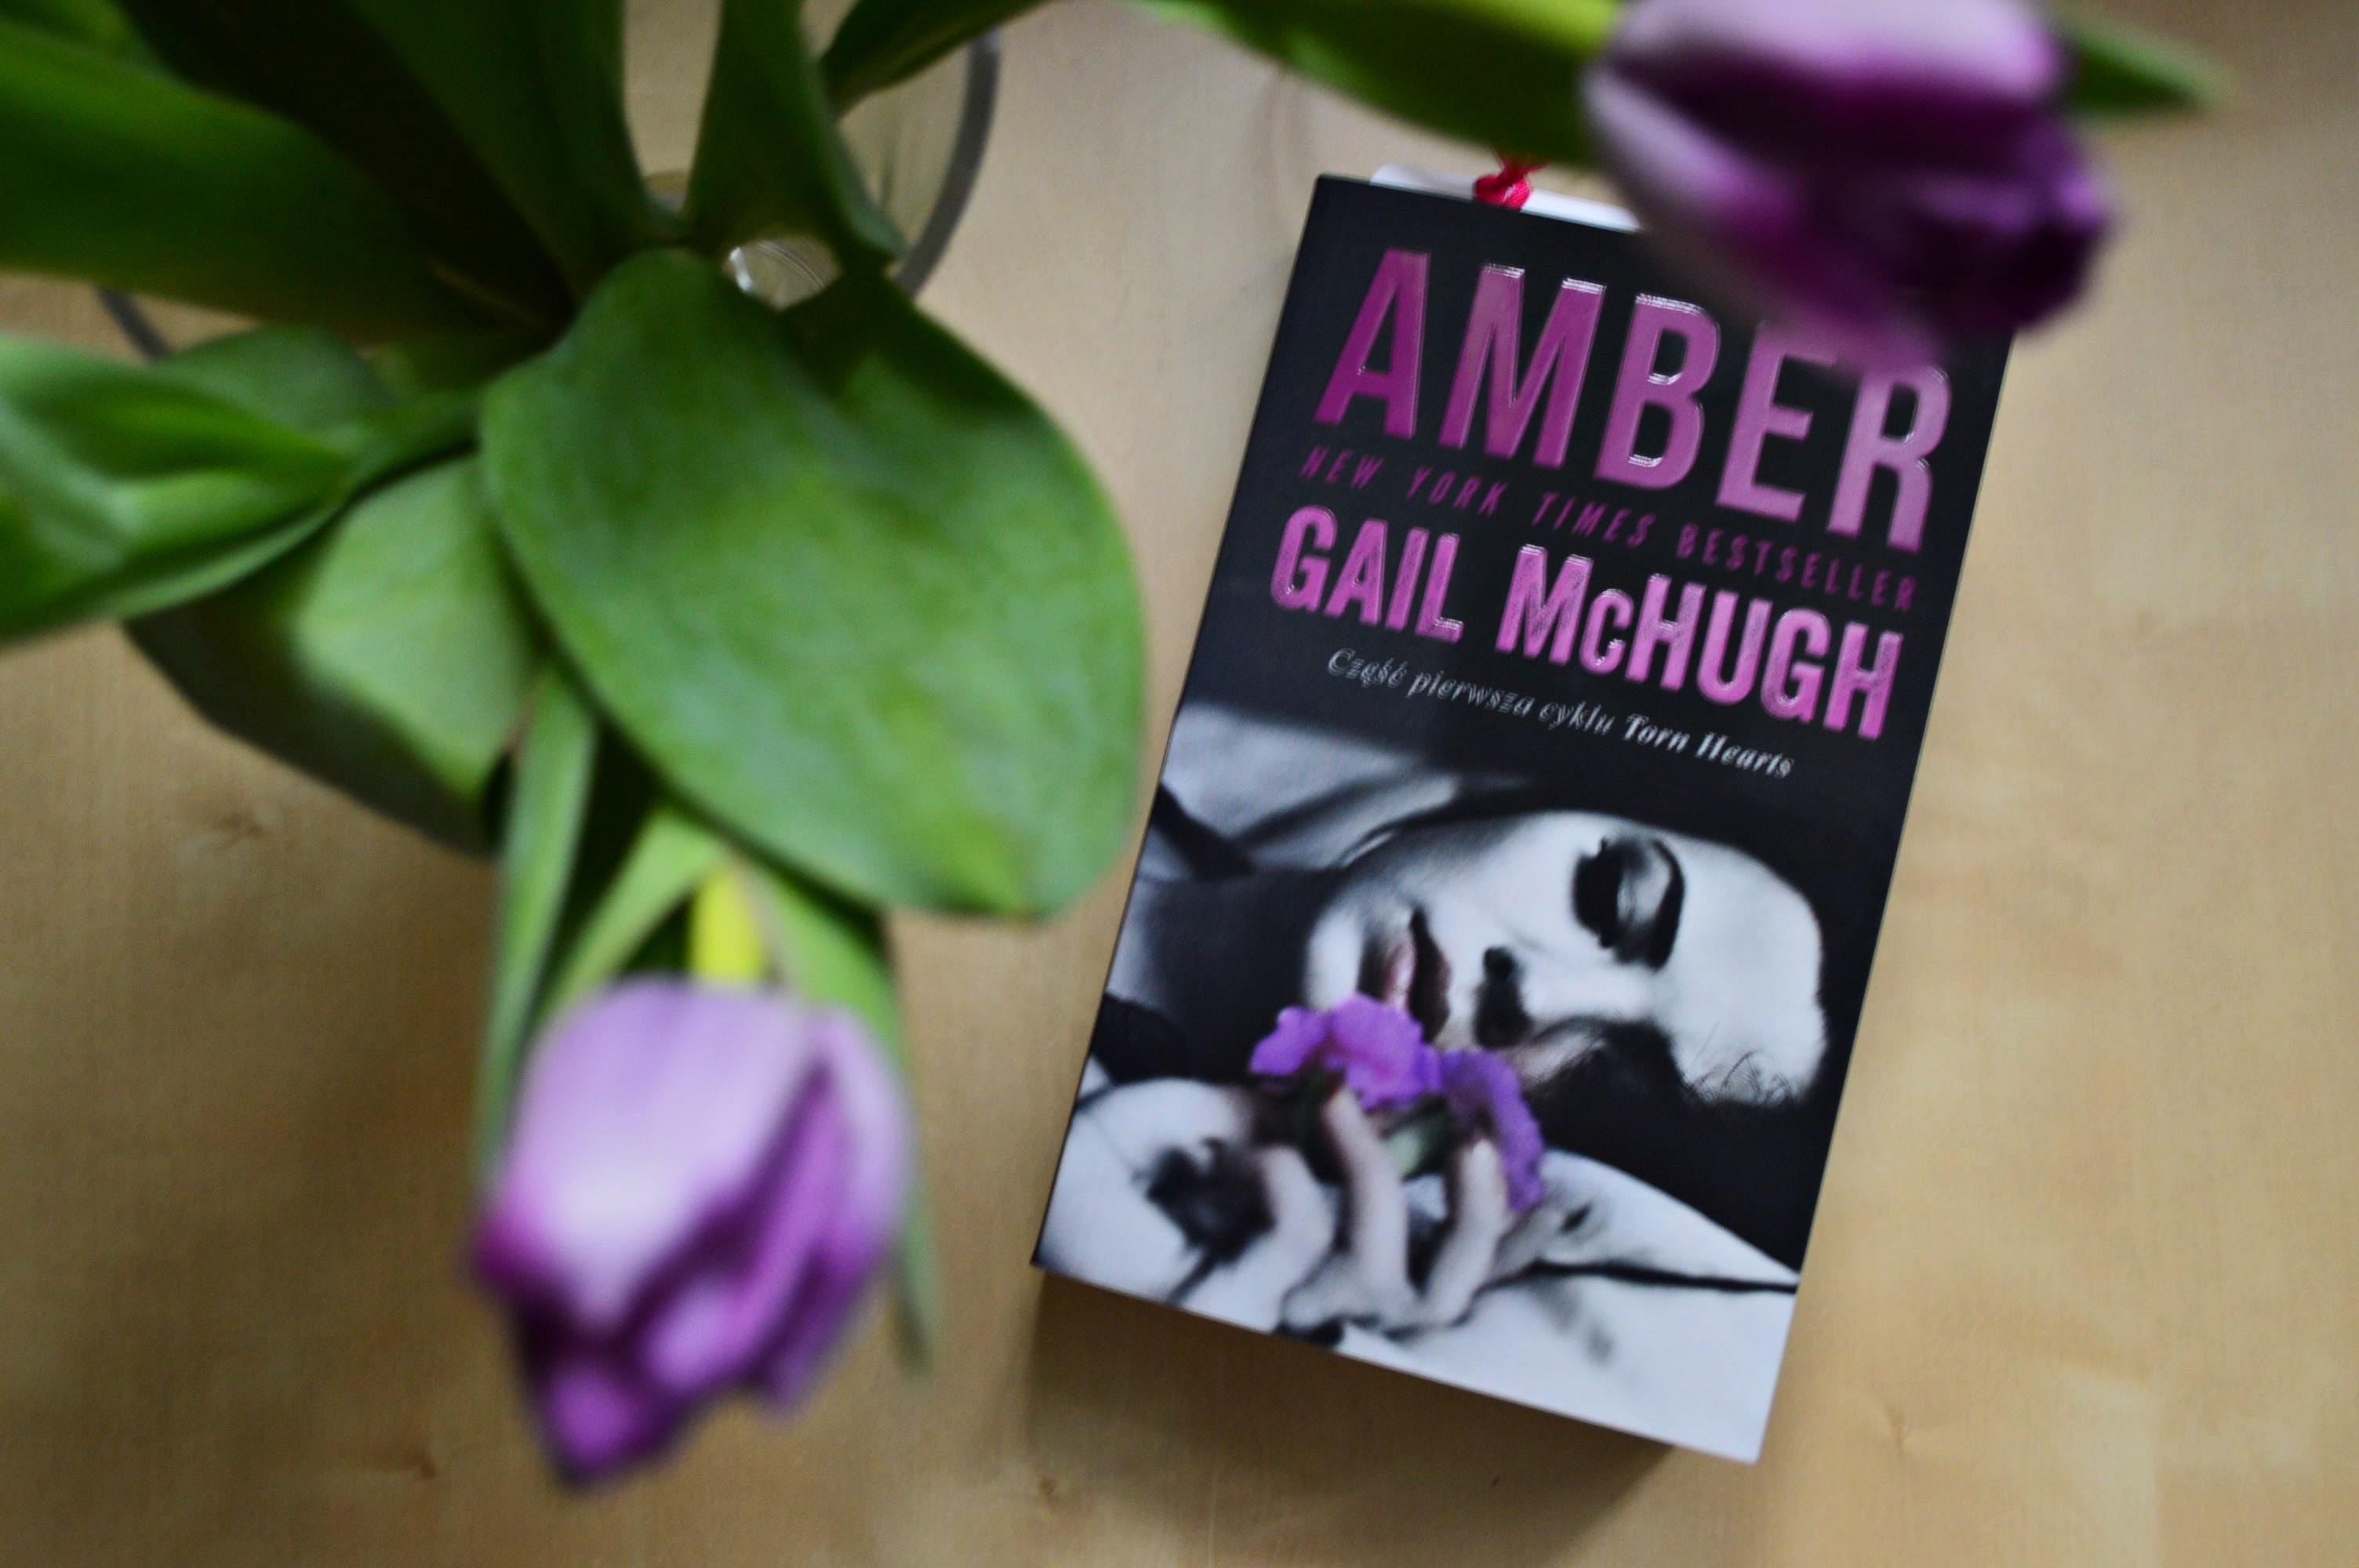 Amber Gail McHugh Okladka Recenzja Ksiazki Zazyjkultury